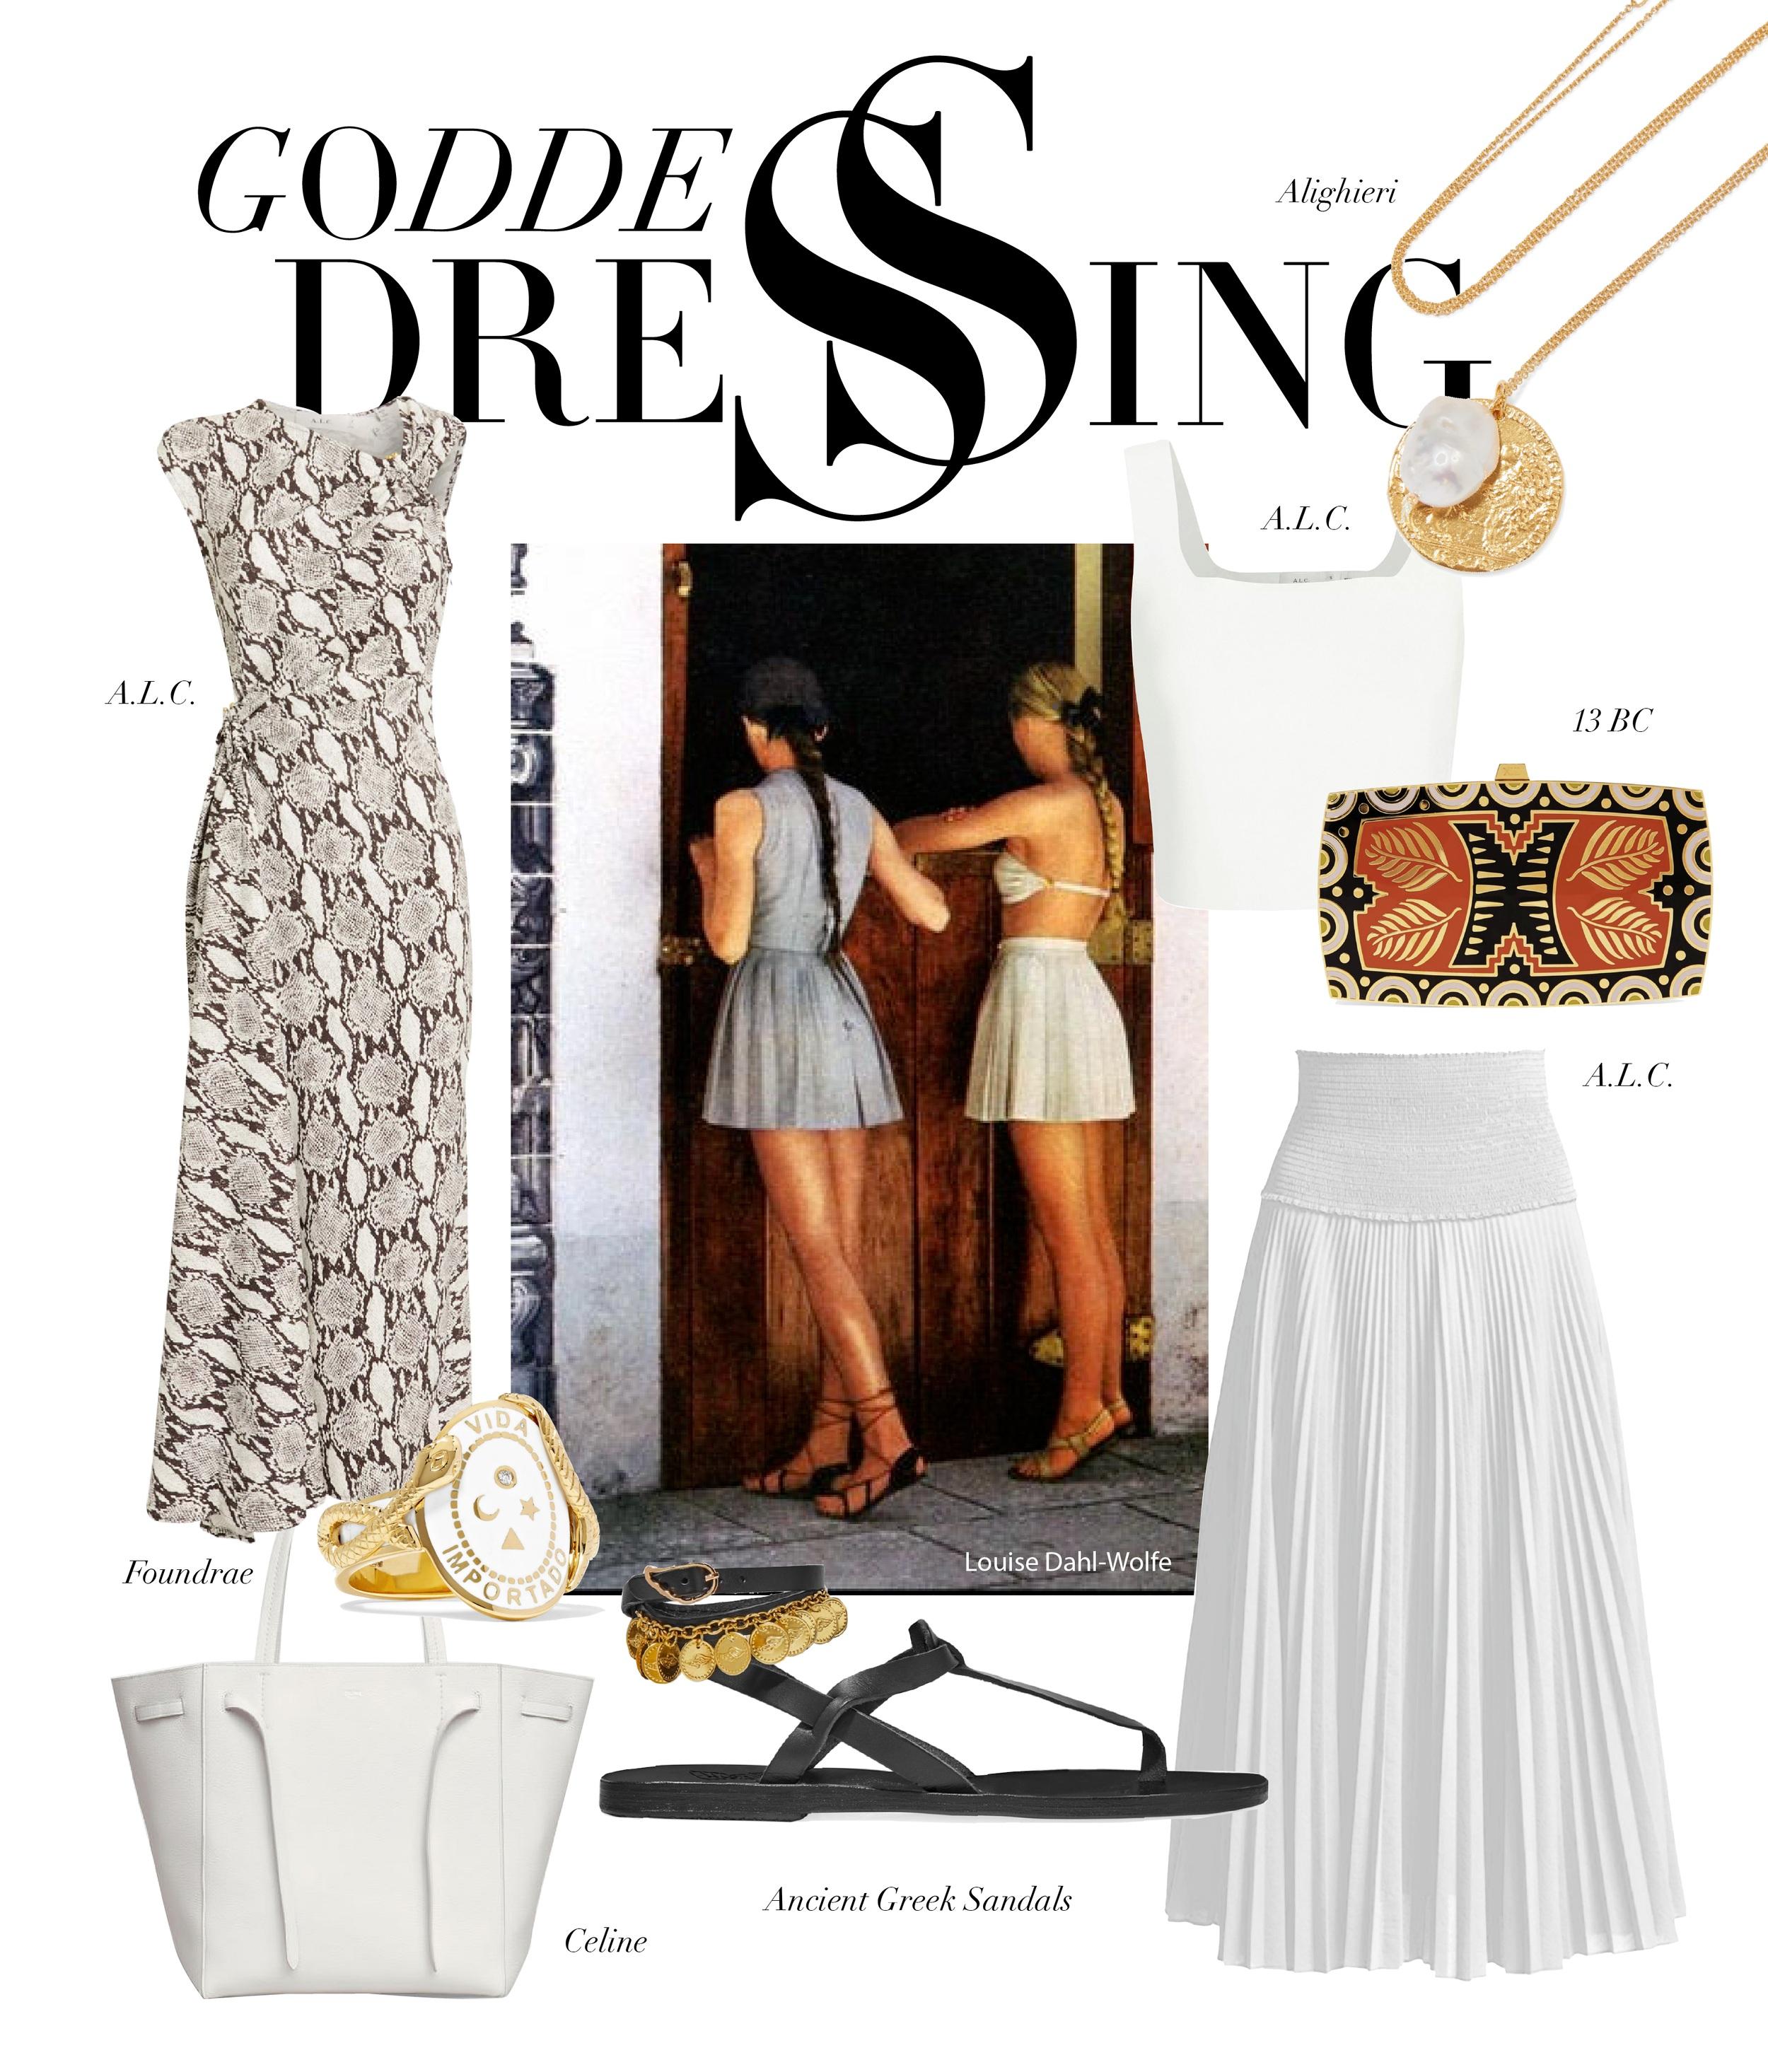 goddess+dressing